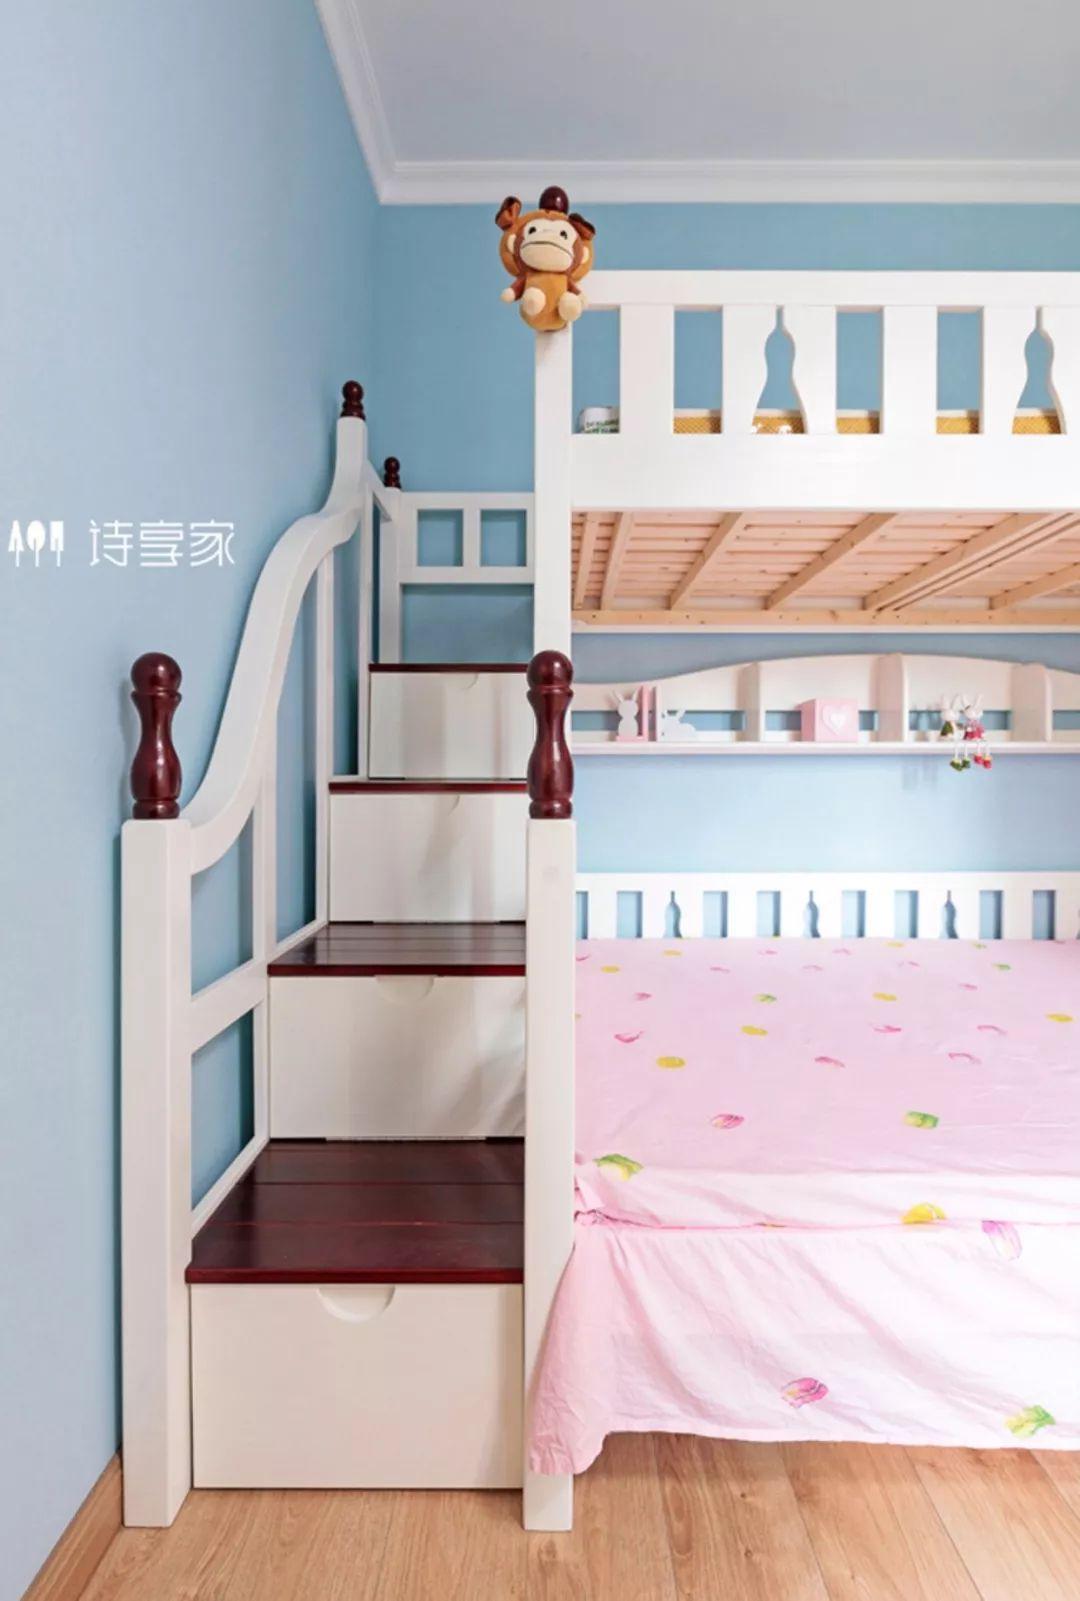 资讯 装修头条 自媒体 正文  儿童房采用粉蓝与粉红的配色 是小公主的